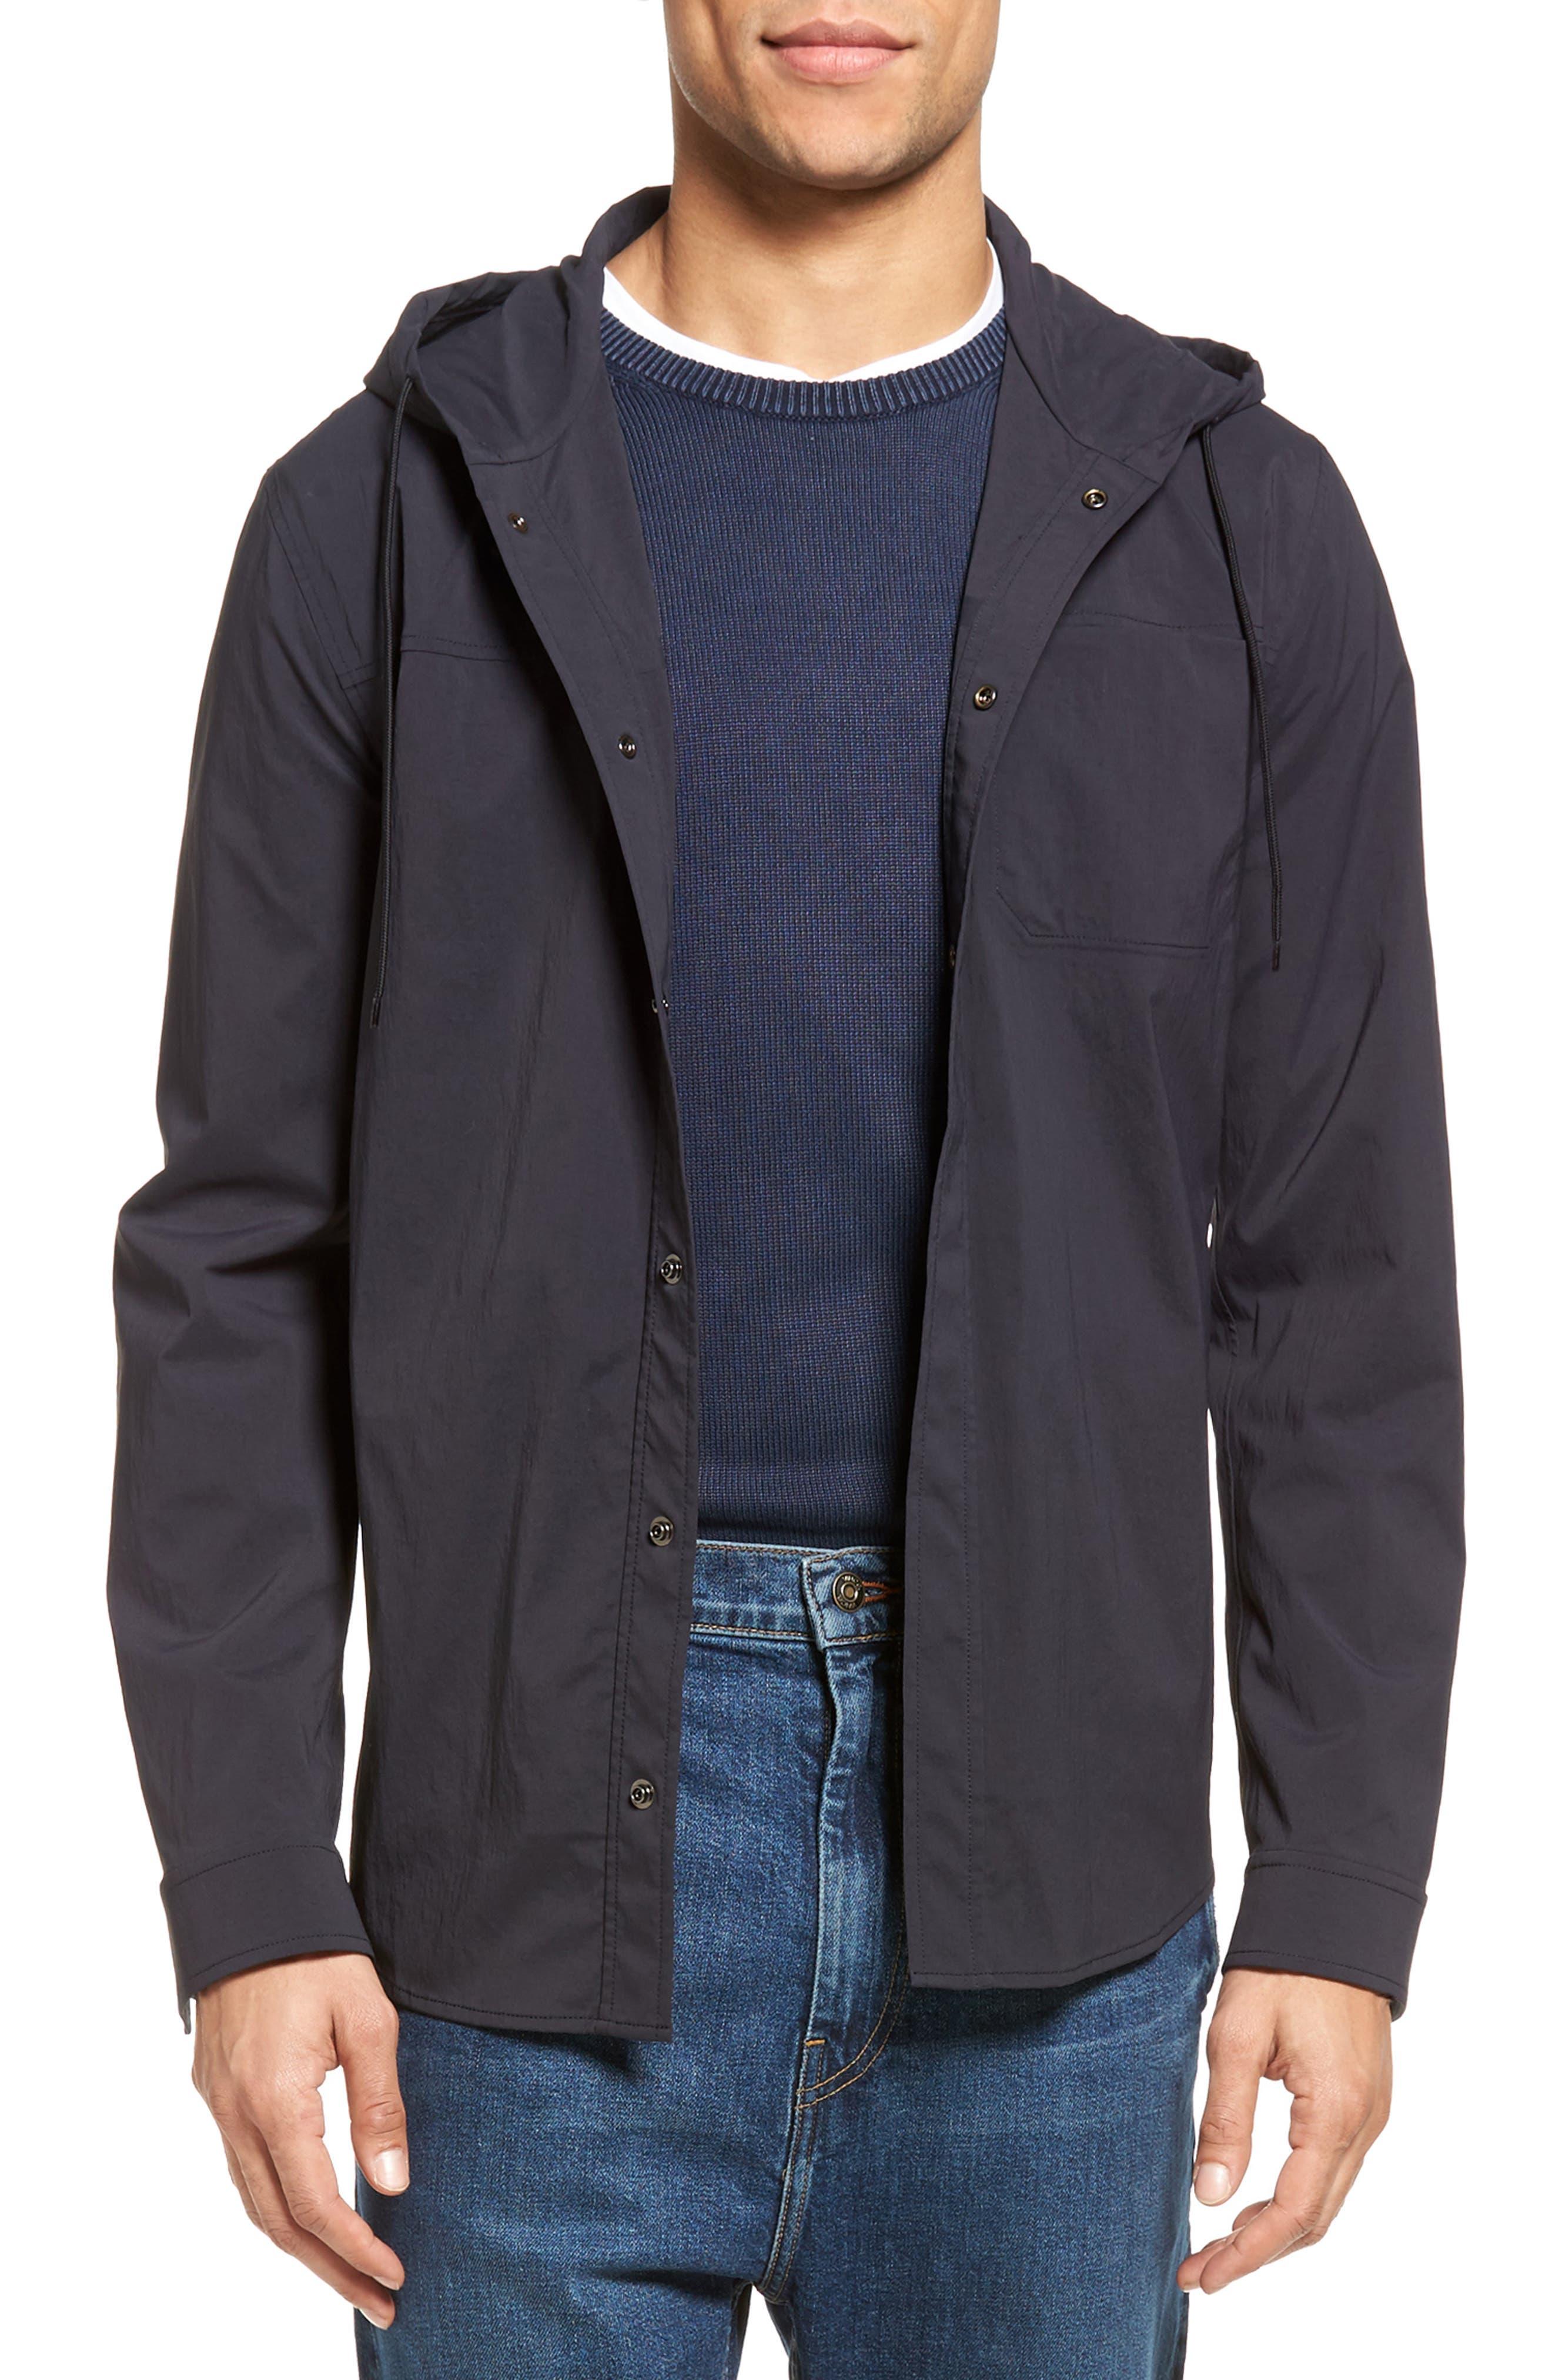 VINCE, Hooded Jacket, Main thumbnail 1, color, 403